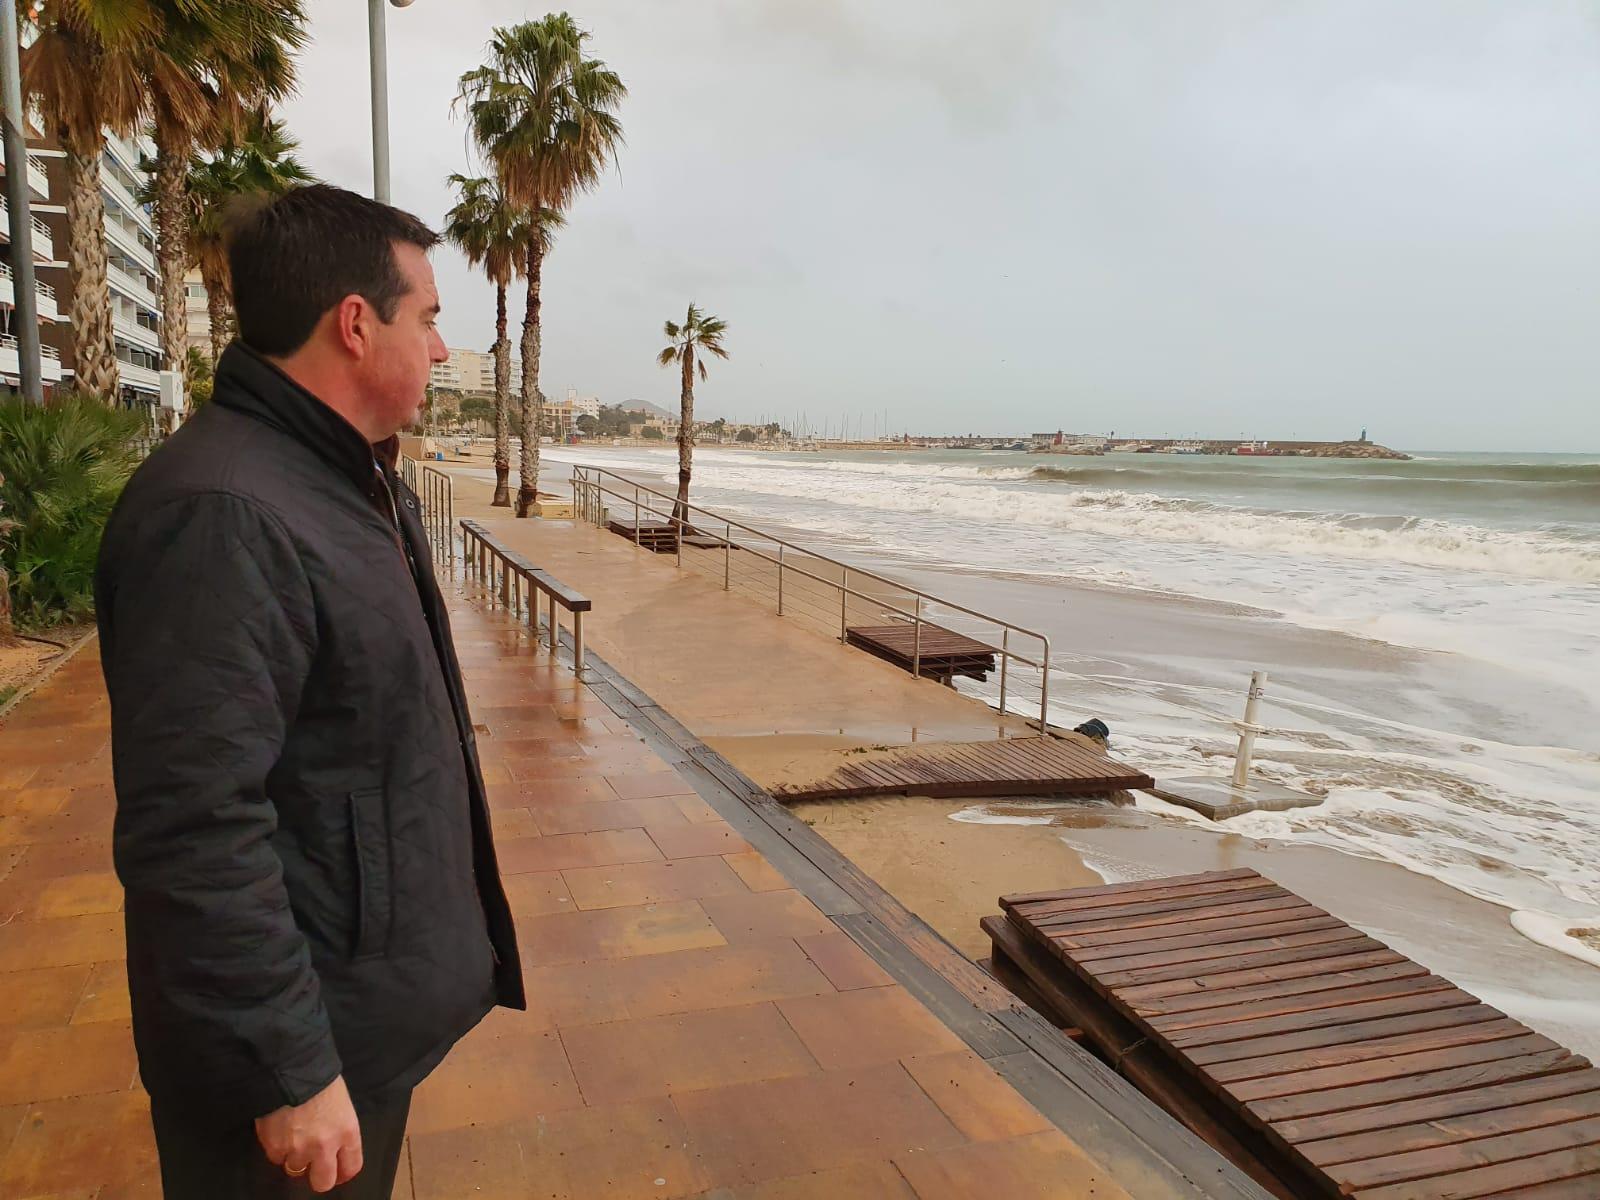 Turisme evalúa los daños causados por el temporal en las infraestructuras turísticas del litoral e inicia los trámites para restablecer la normalidad